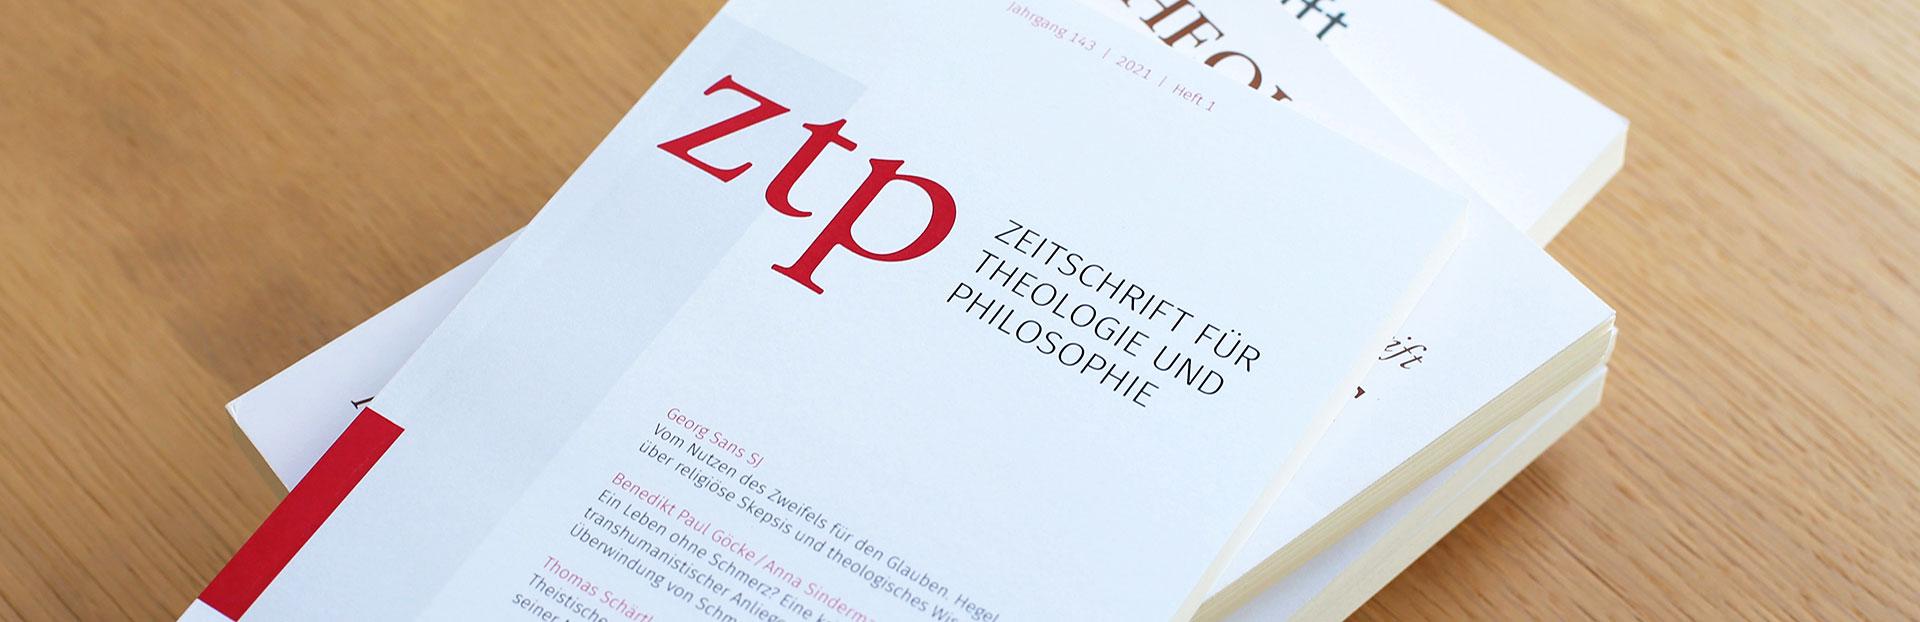 ZTP – Una nueva revista académica – Una novedosa iniciativa de la Provincia de Europa Central